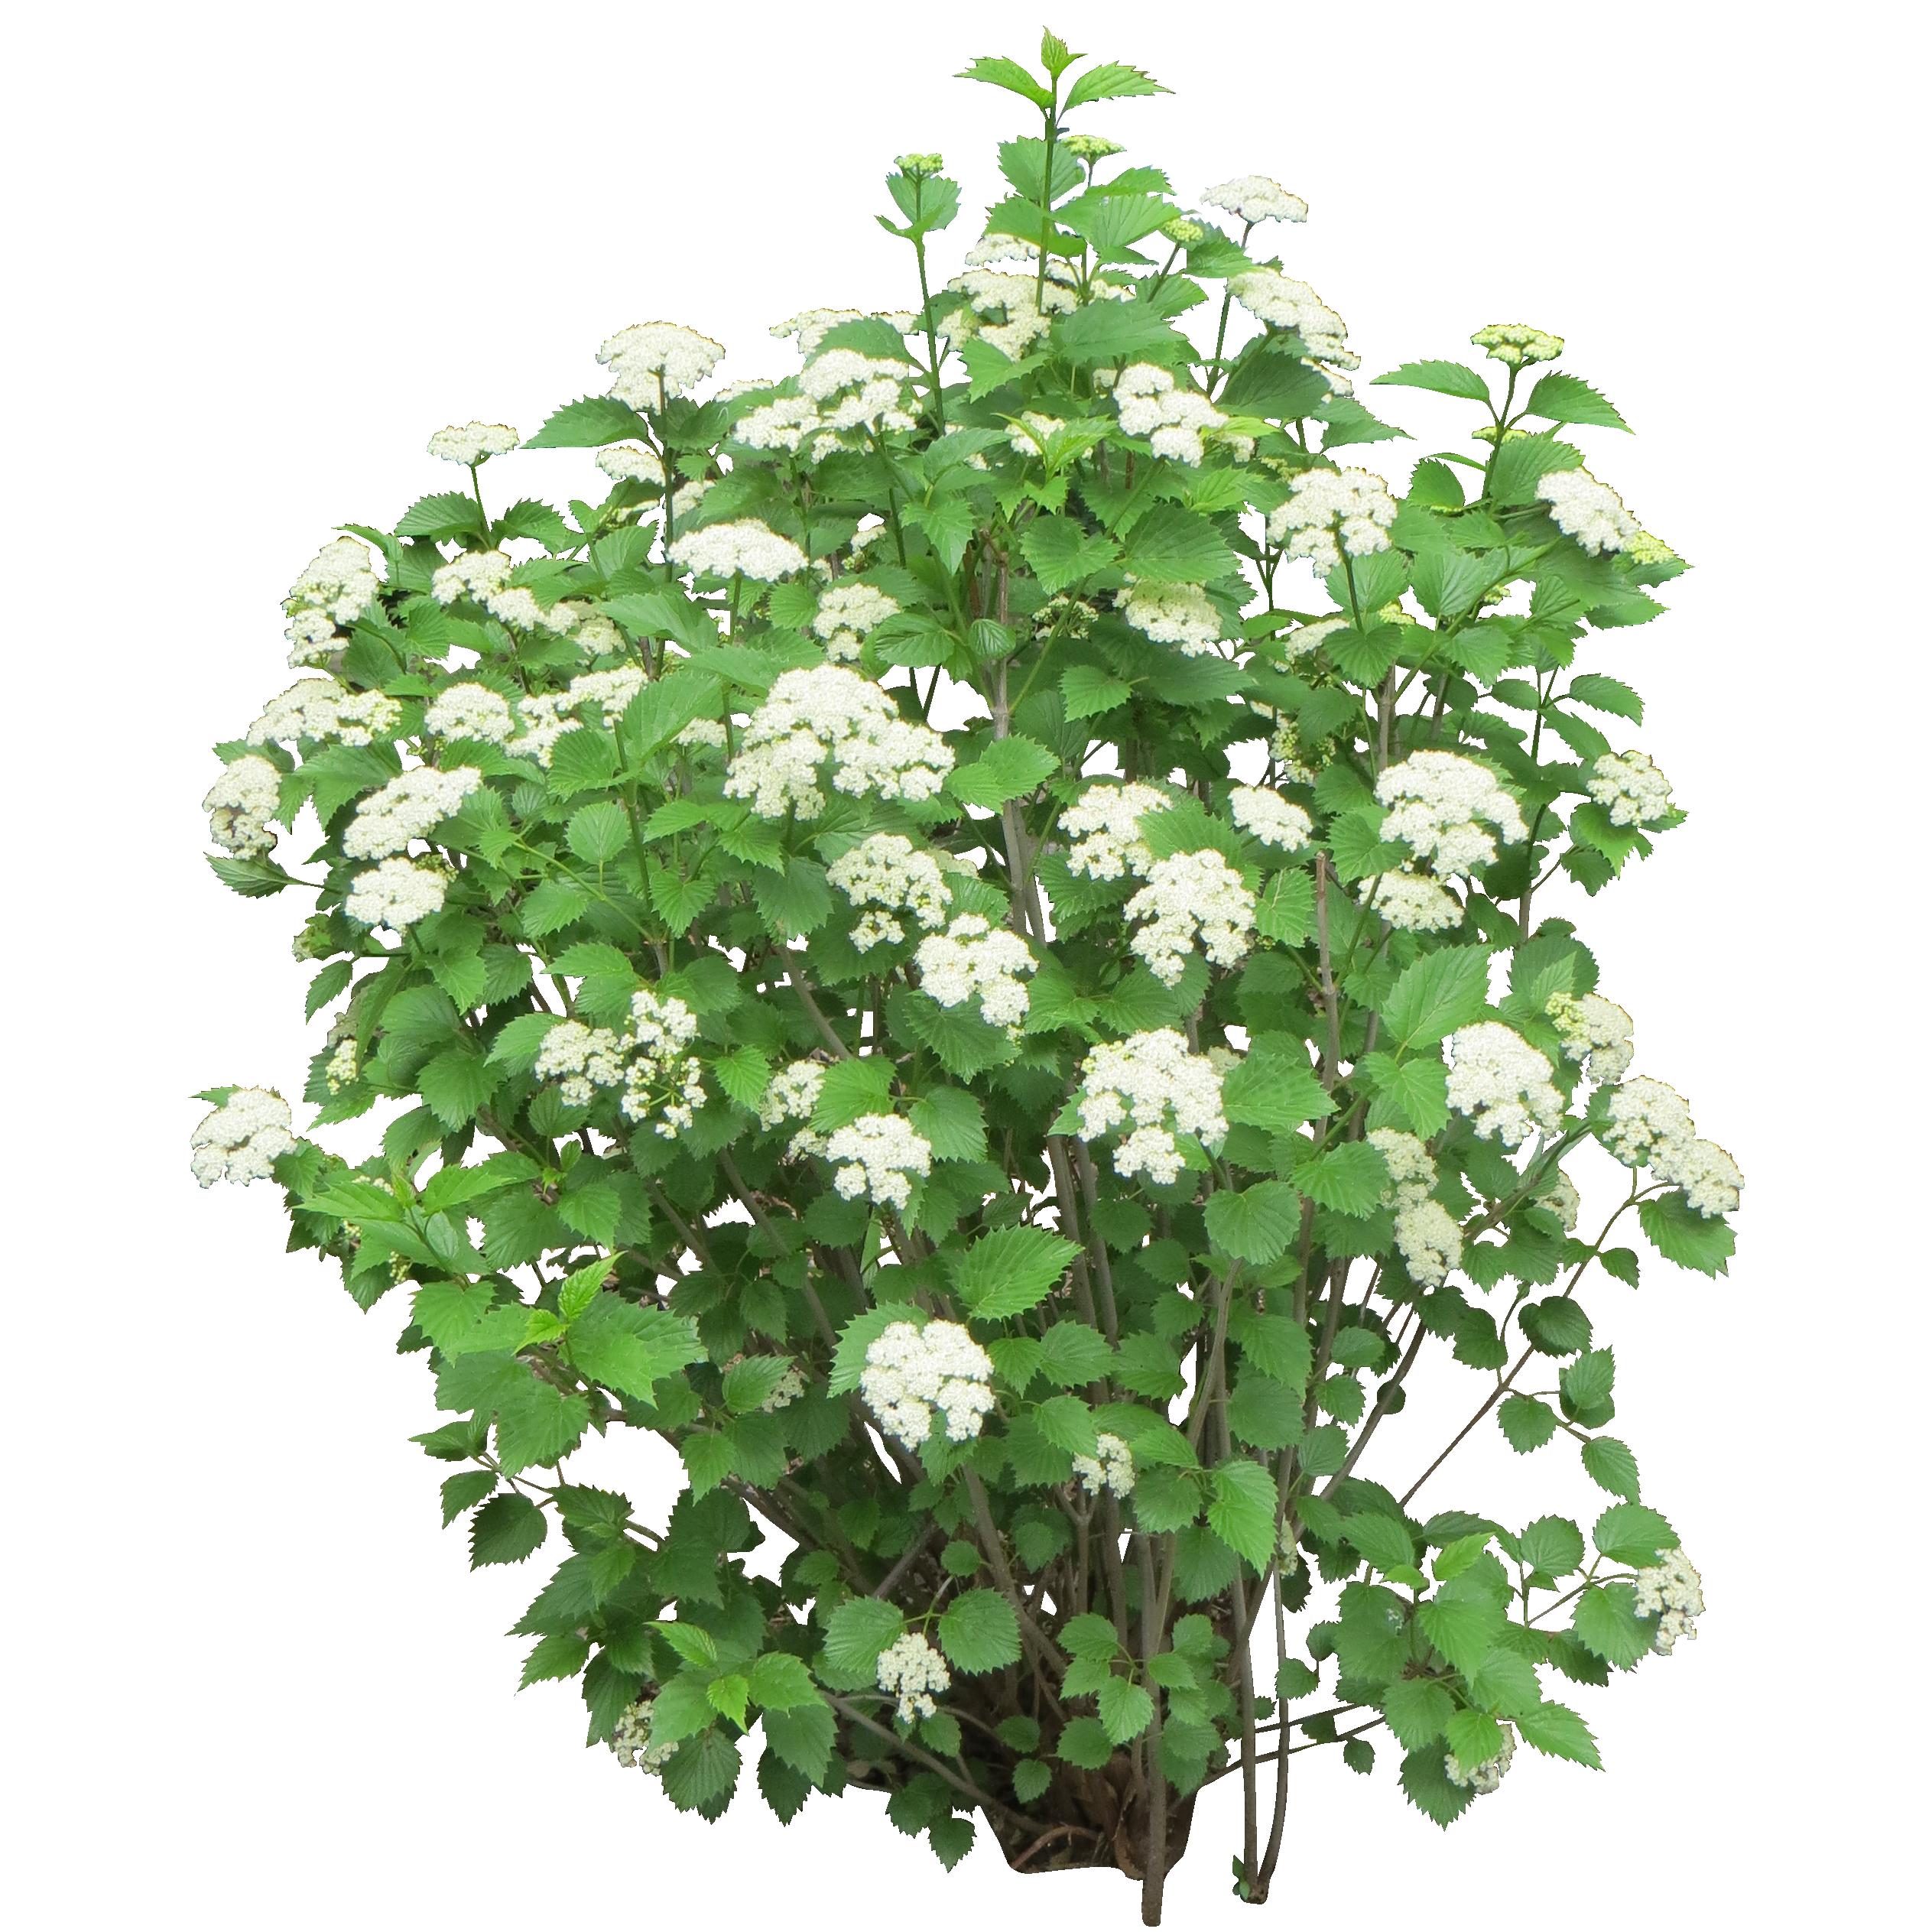 Bush PNG image Rośliny